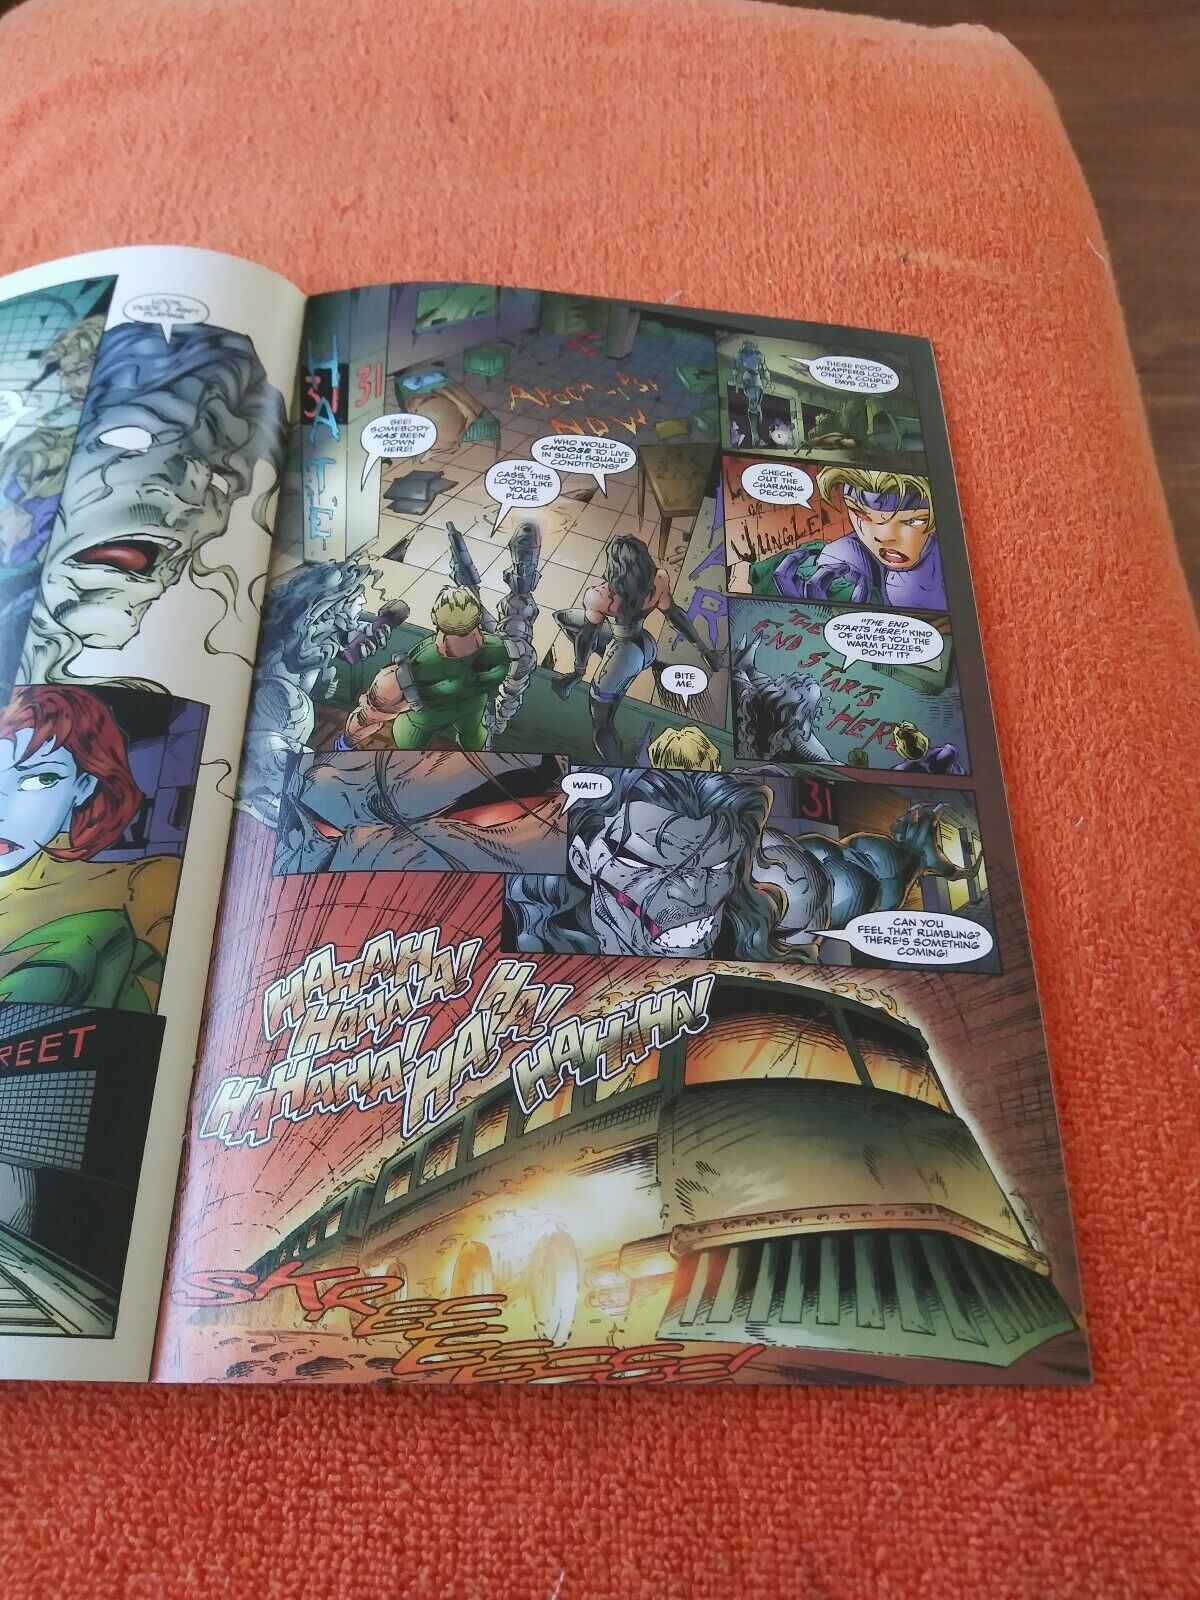 CA VAMPIRELLA #10 Cvr A Dynamite Comics 2020 FEB201116 10A Parrillo